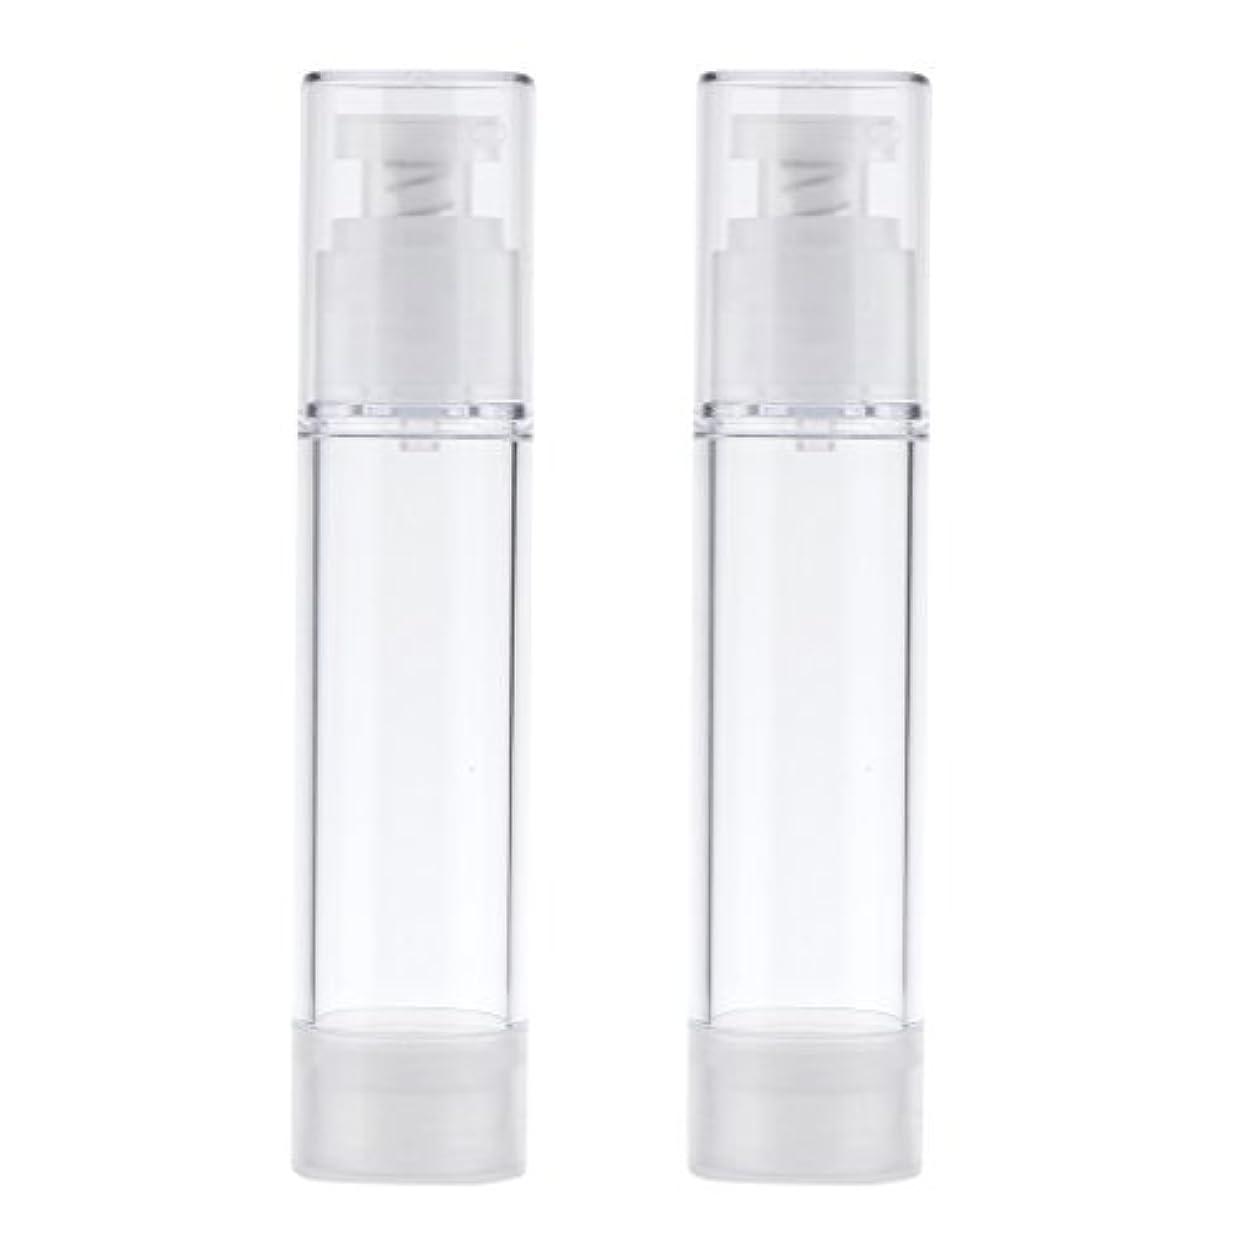 荷物寝る容疑者2個 ポンプボトル エアレスボトル ポンプディスペンサー コスメ DIY 詰替え 香水ボトル 3サイズ選べる - 50ml